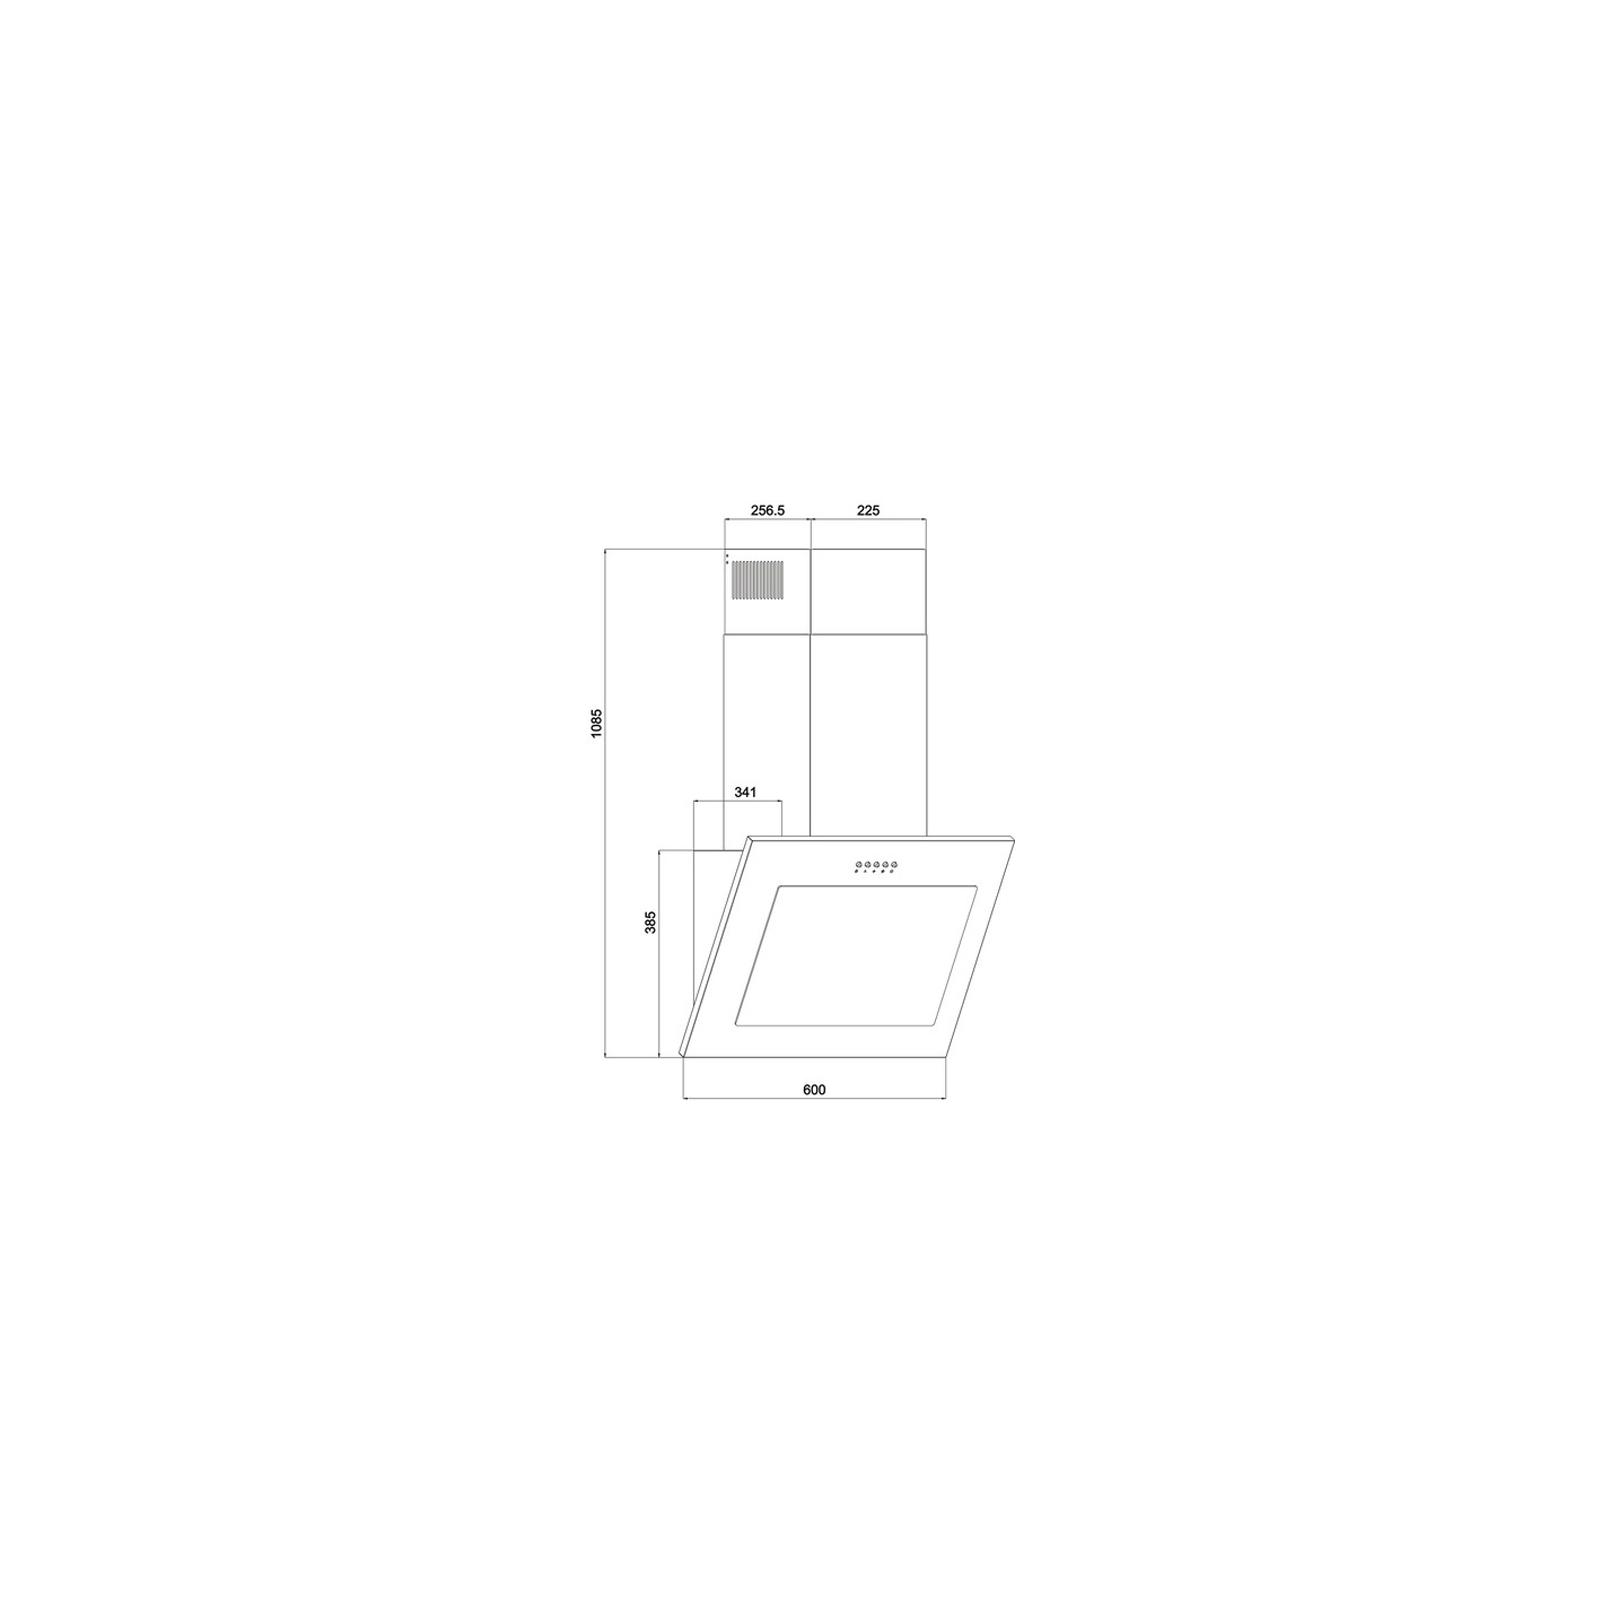 Вытяжка кухонная INTERLINE ROCK WH A/60 PB/2 изображение 2